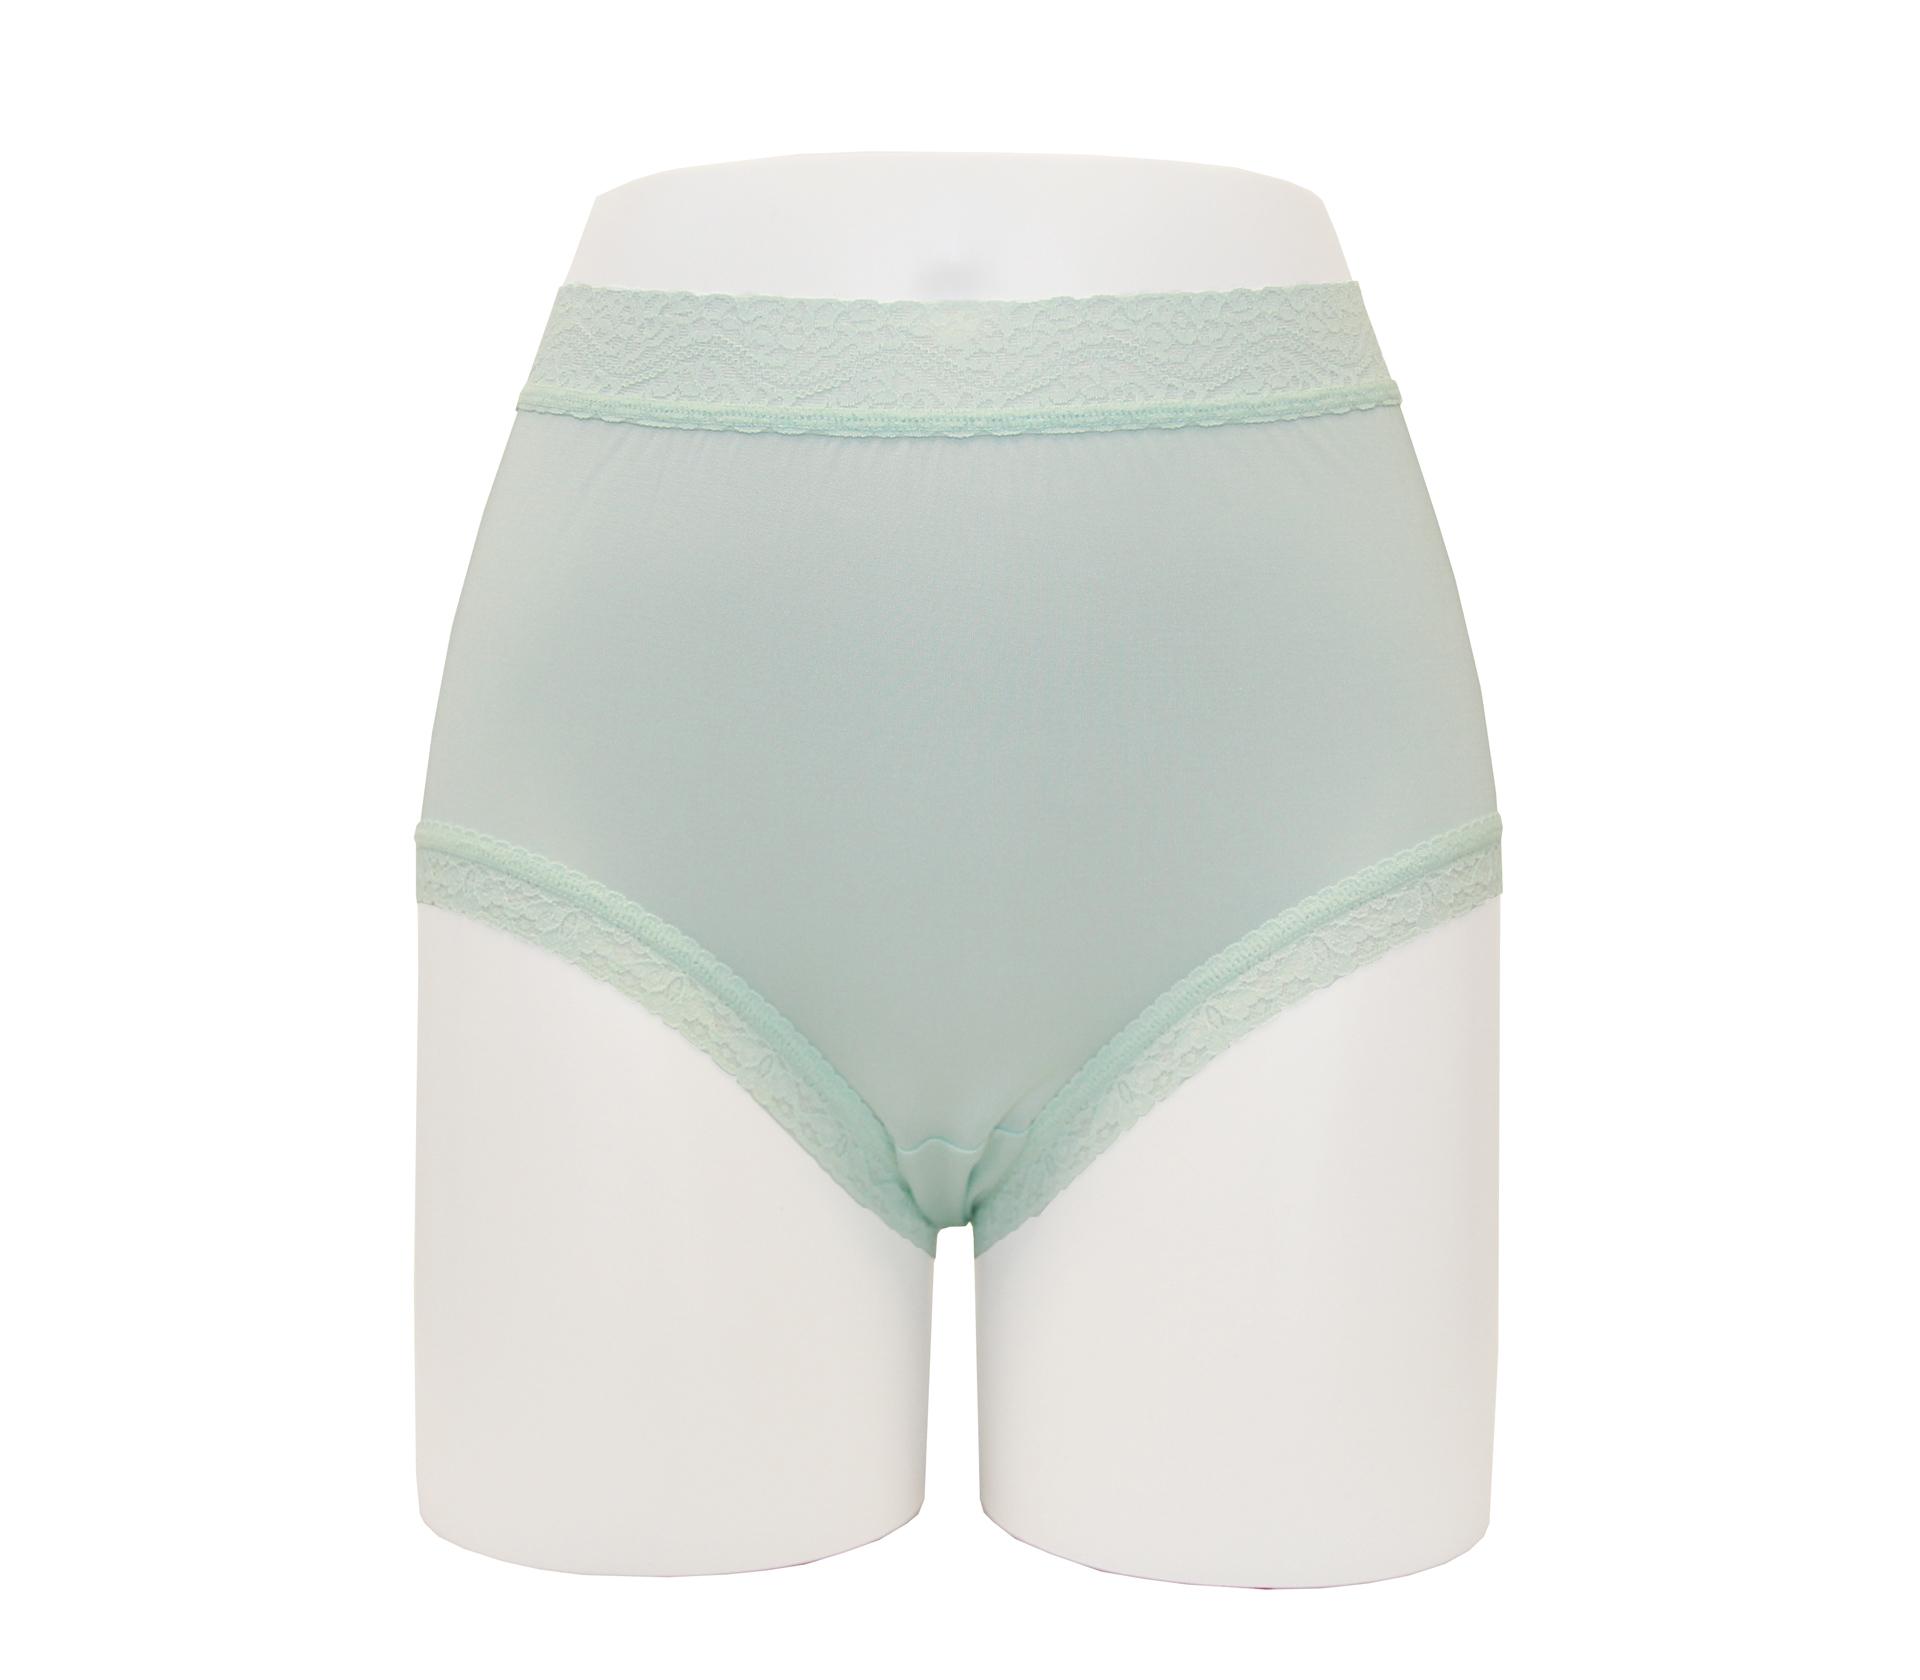 闕蘭絹40針高腰粉嫩透氣100%蠶絲內褲 - 887903 (綠)